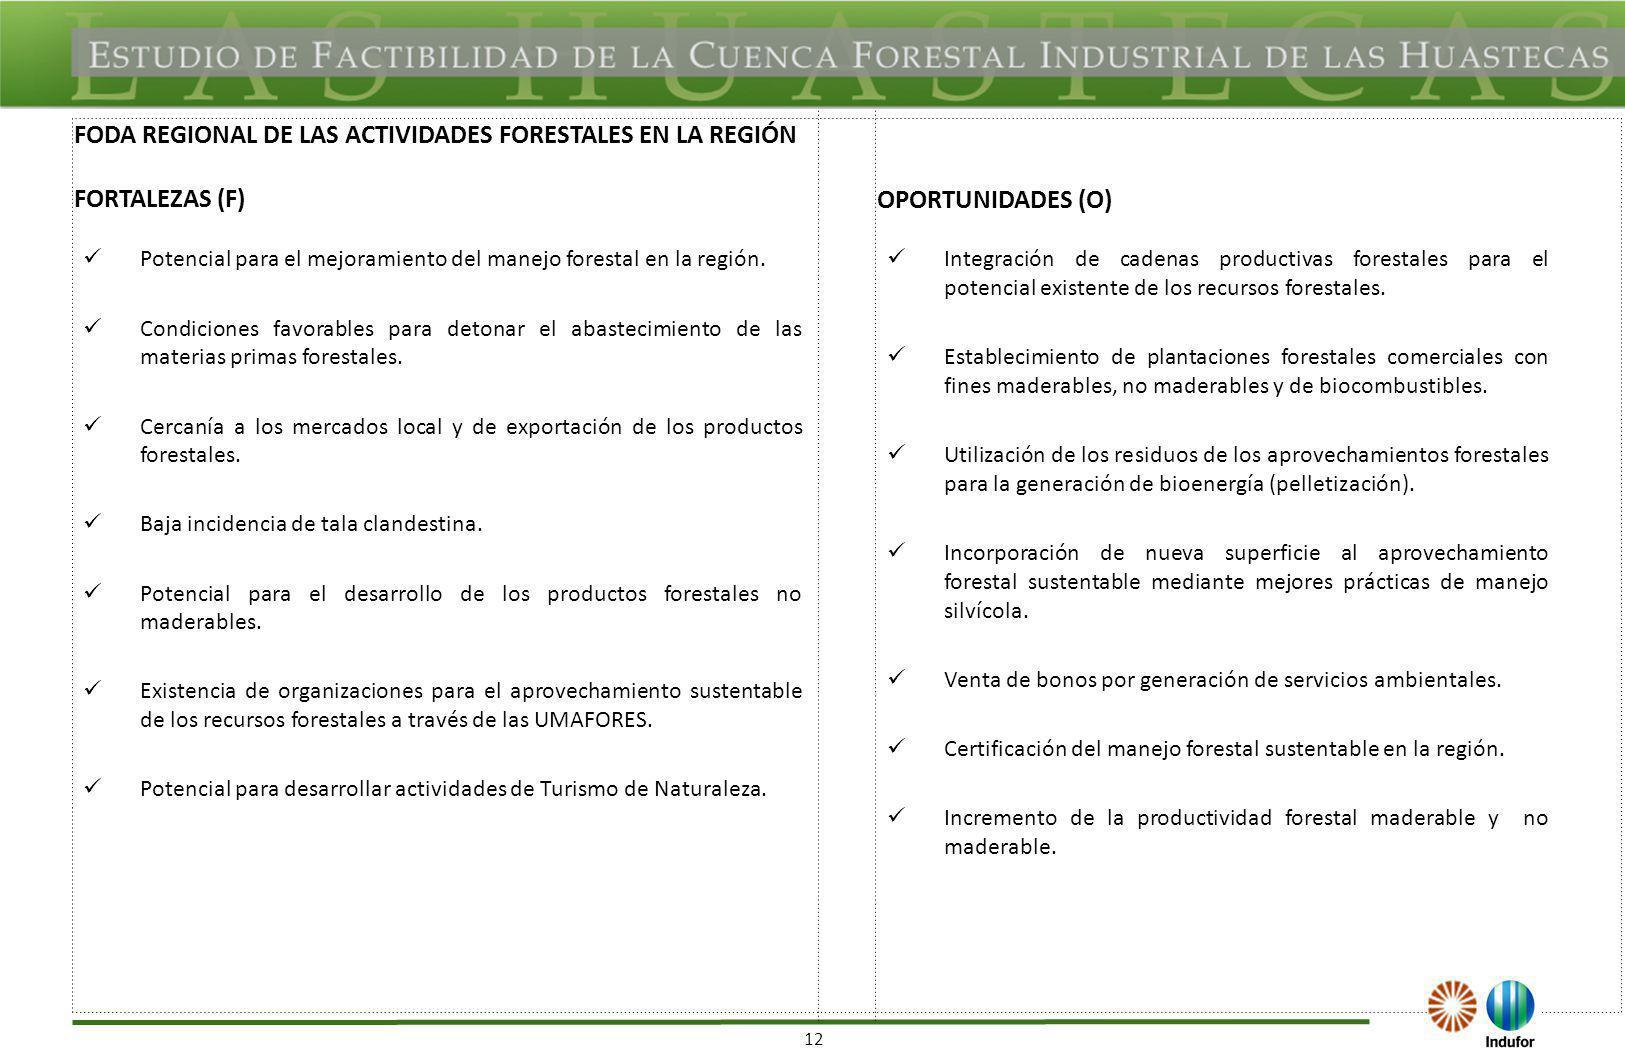 12 FODA REGIONAL DE LAS ACTIVIDADES FORESTALES EN LA REGIÓN FORTALEZAS (F) OPORTUNIDADES (O) Potencial para el mejoramiento del manejo forestal en la